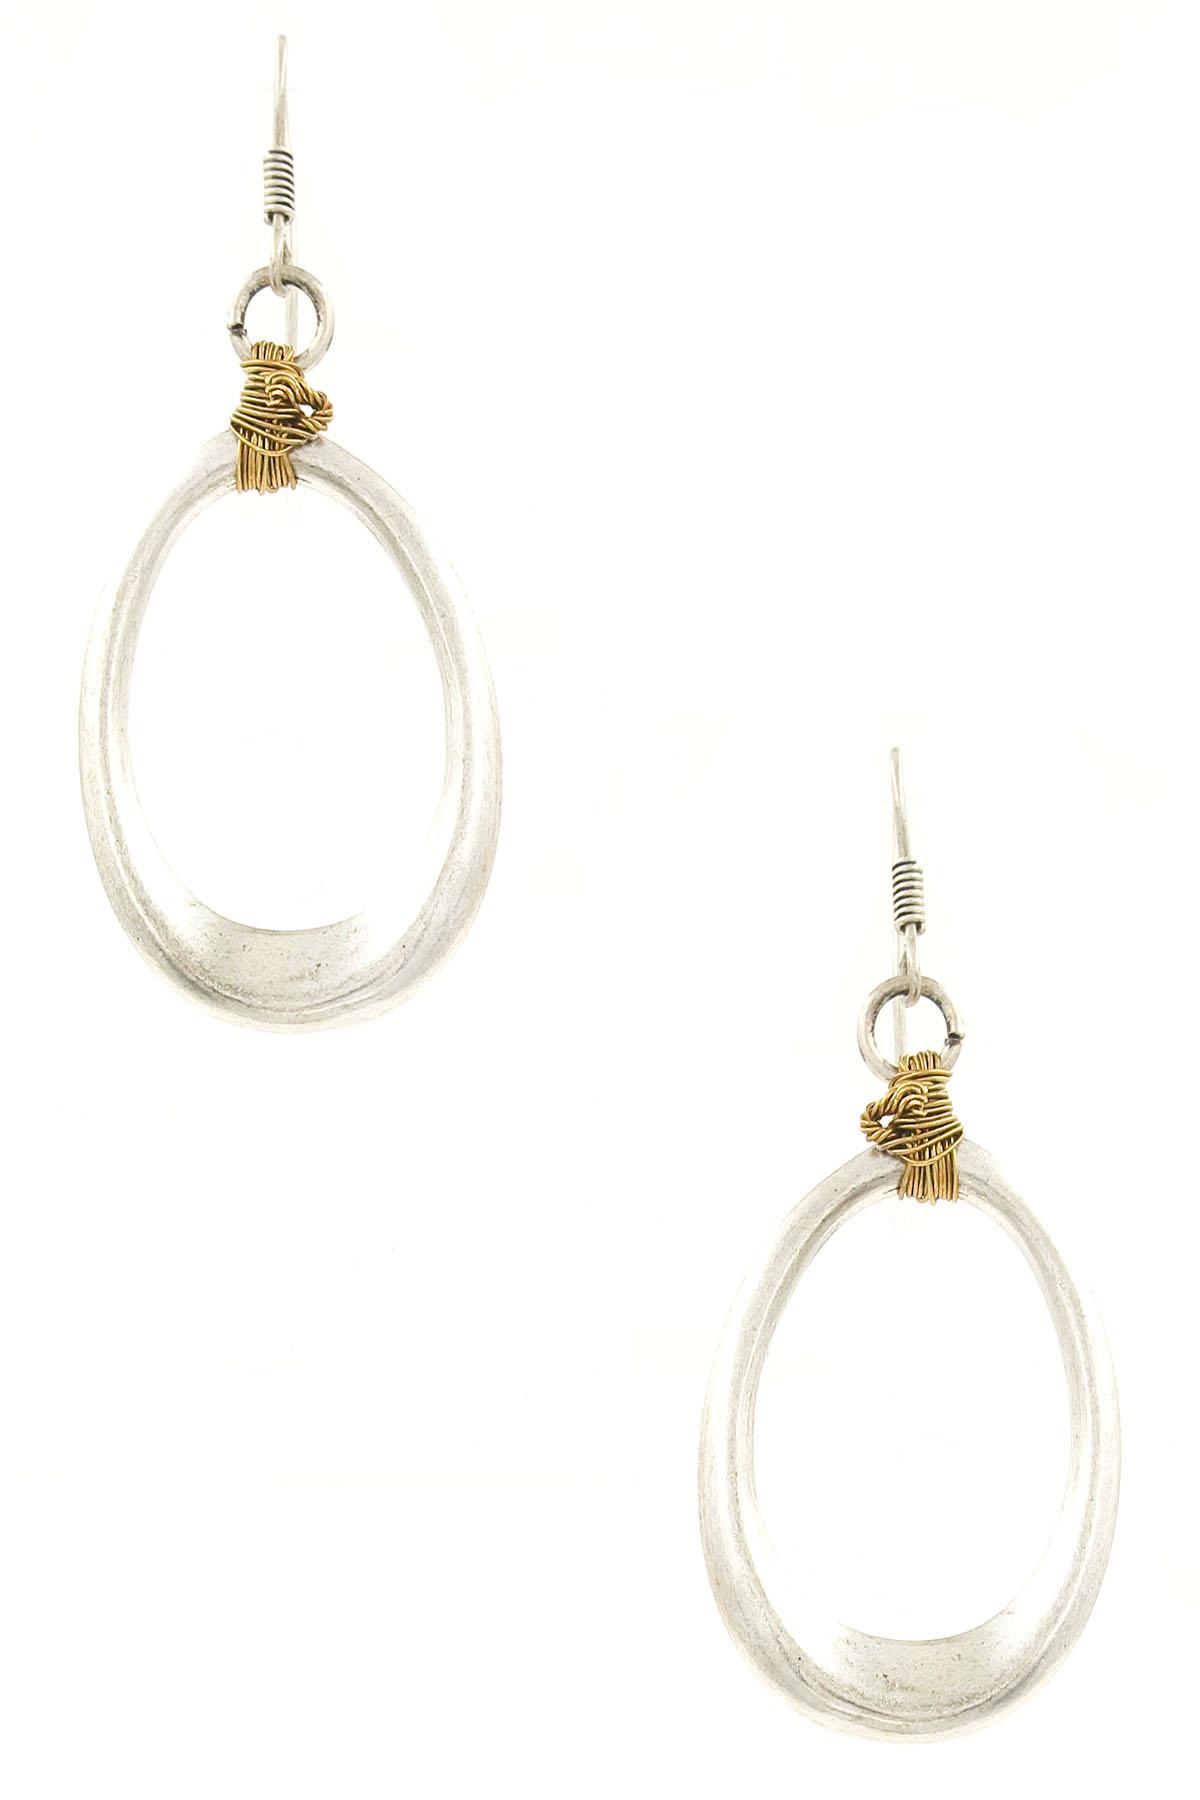 Wired metal drop earrings